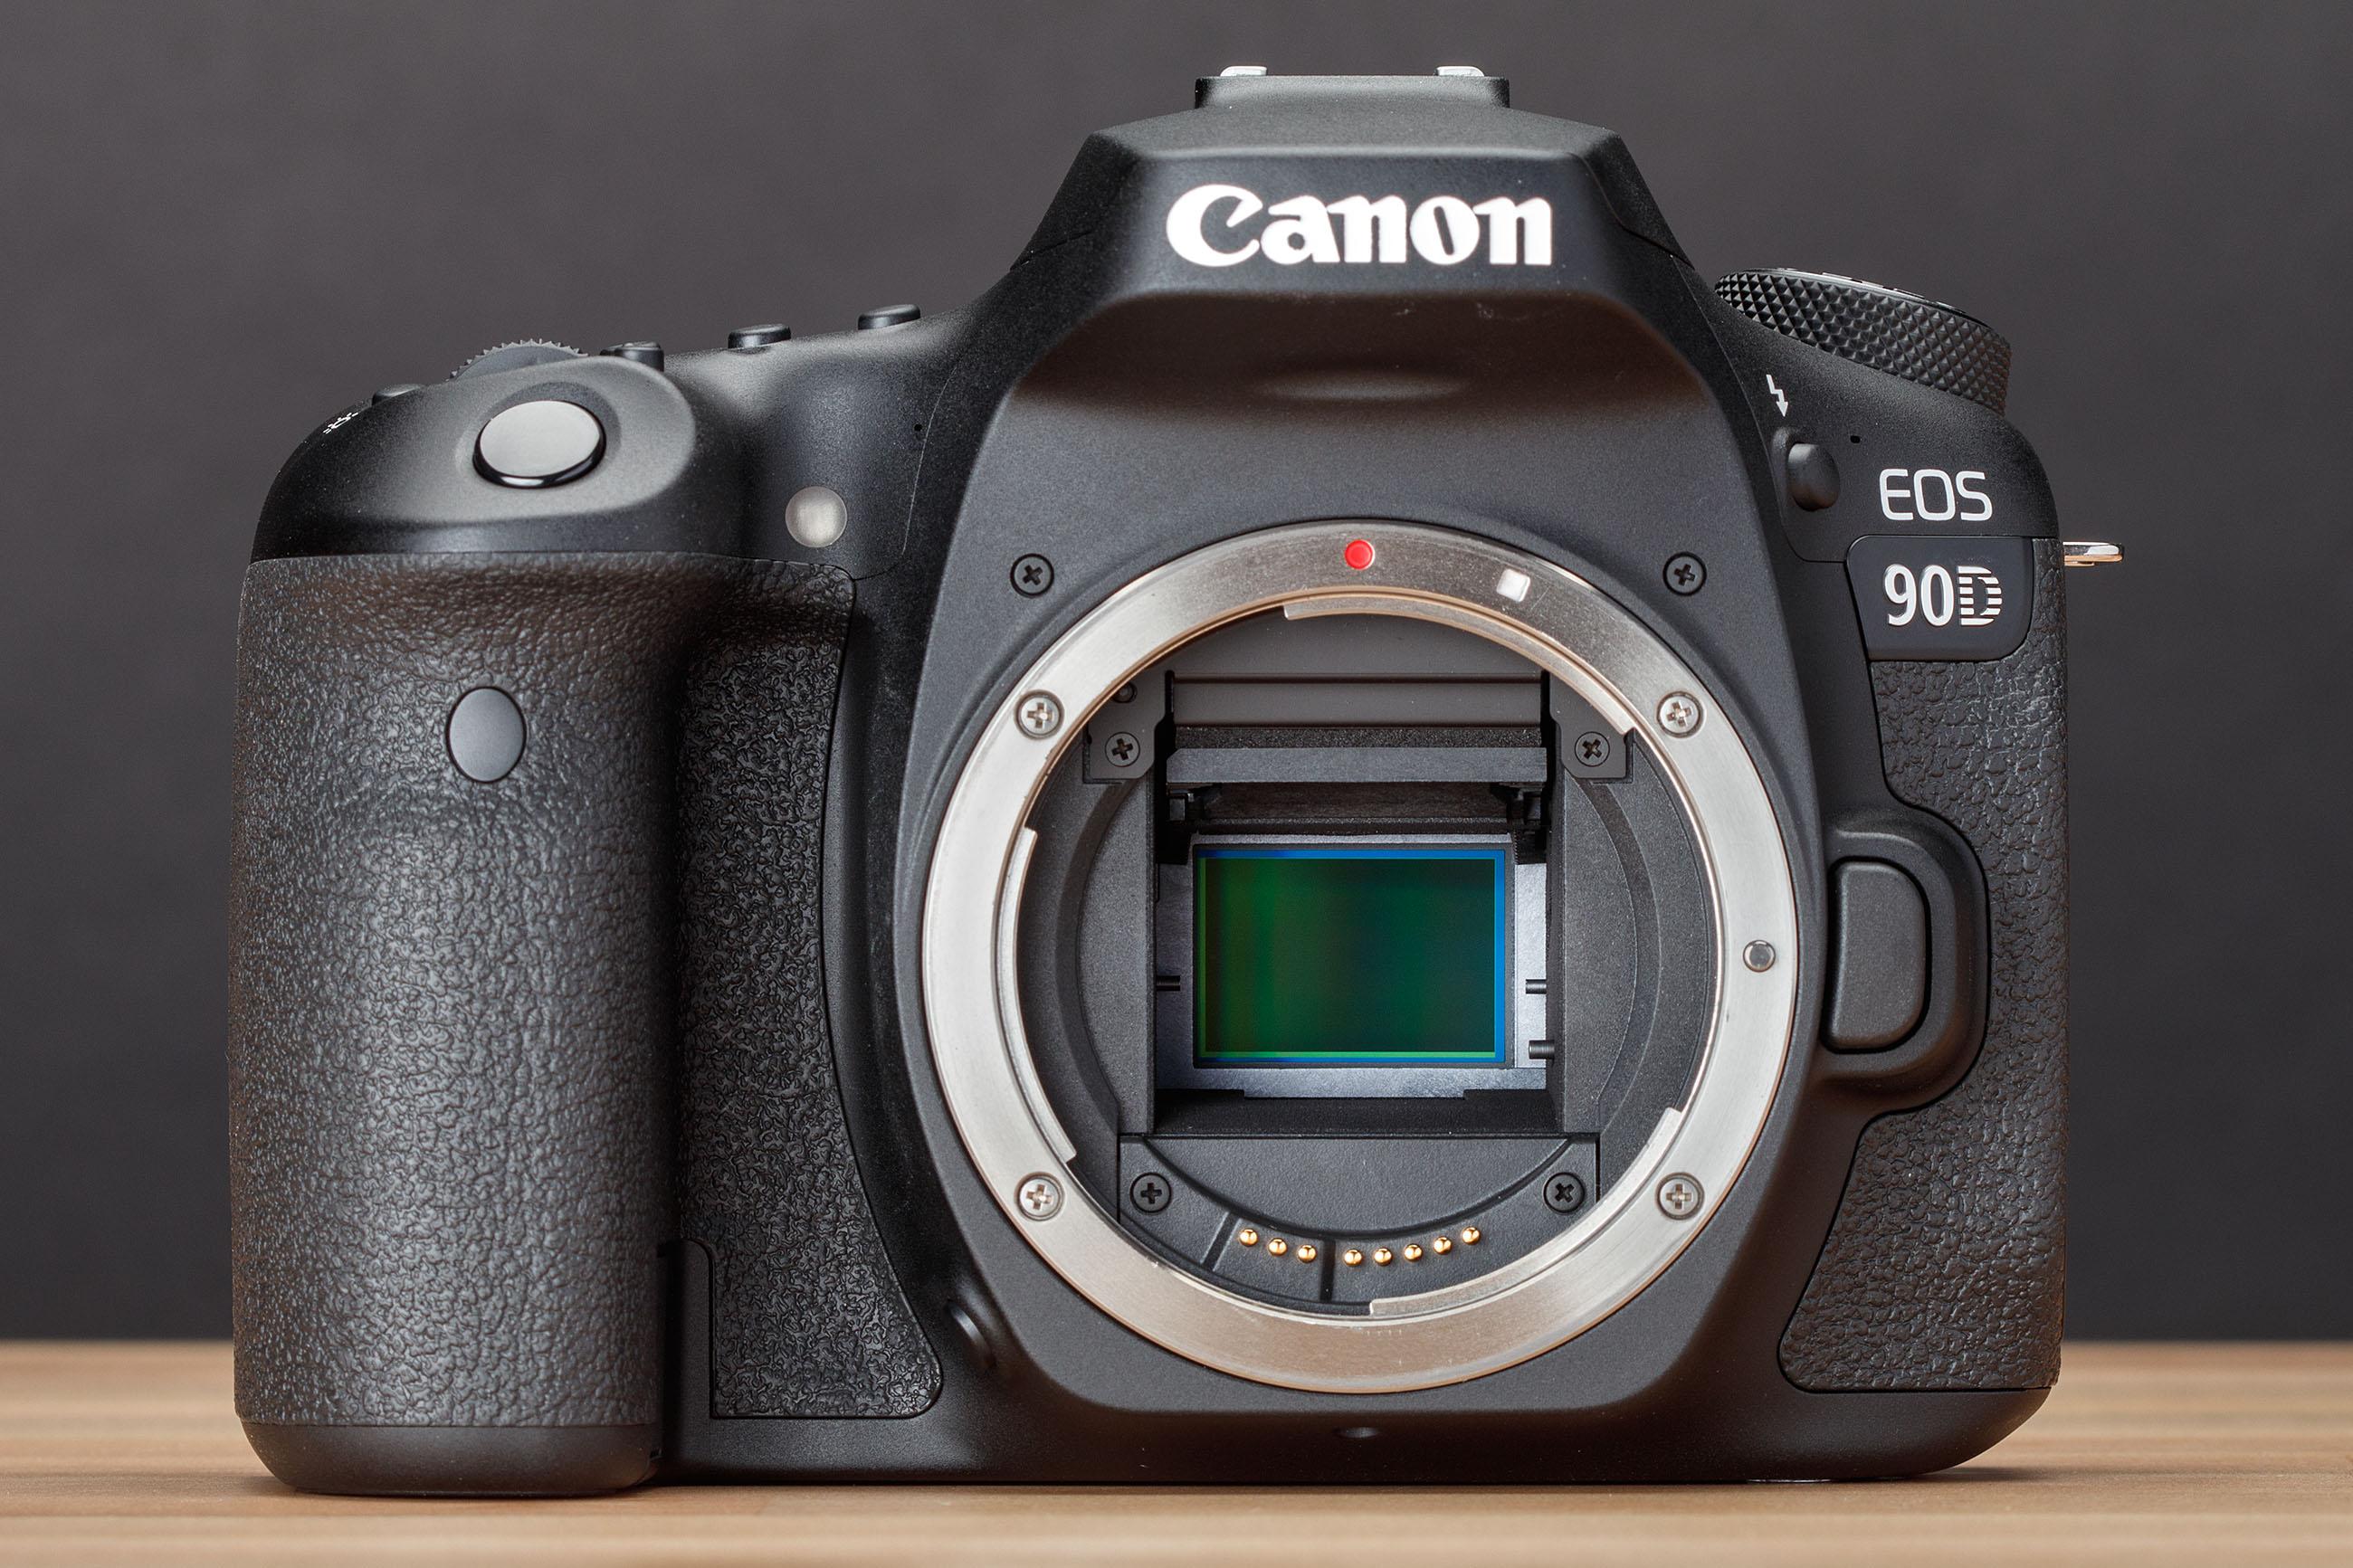 Canon EOS 90D DSLR 4K corps de l'appareil photo